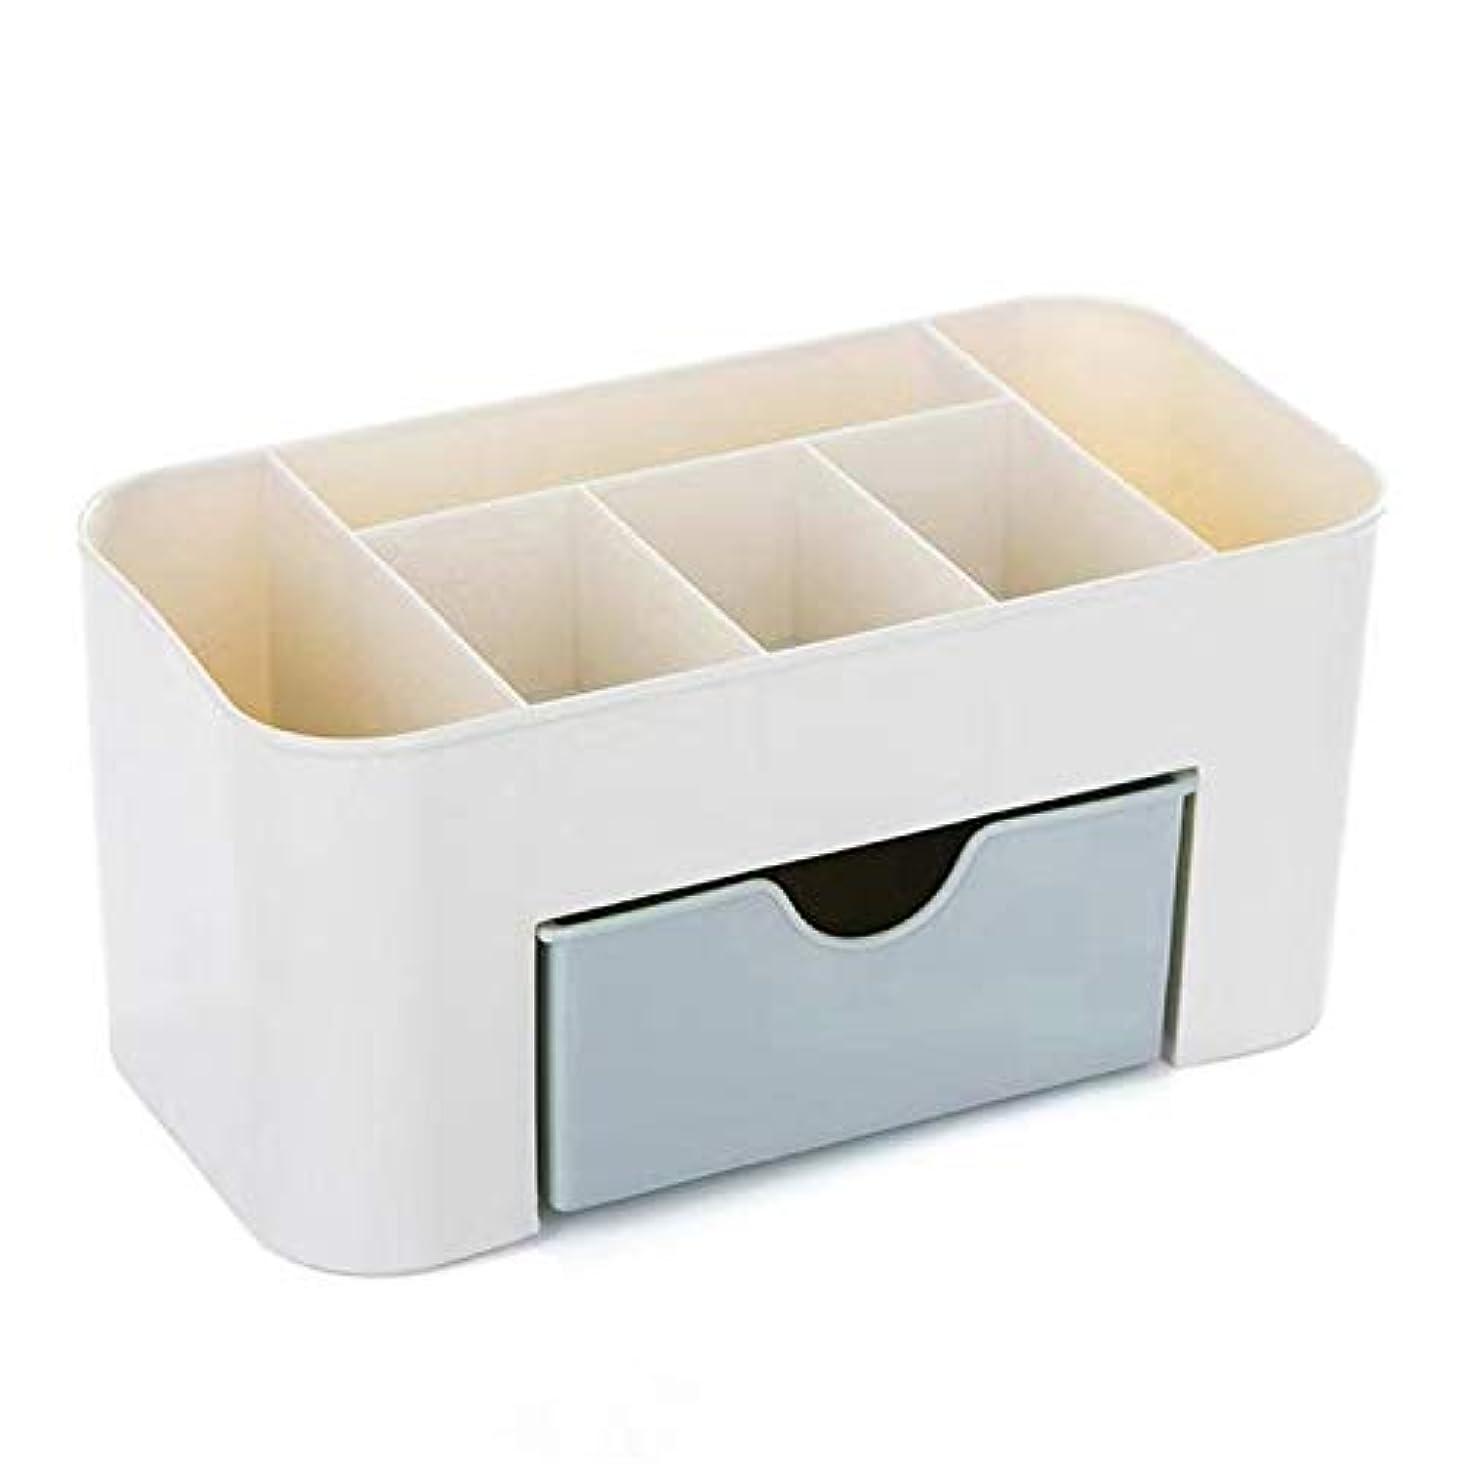 拒絶偏差事務所HJY スタッカブルと防水プラスチック化粧オーガナイザー、事務机文具収納ボックス化粧品ホルダー、大容量ジュエリーディスプレイケース (あいいろ)